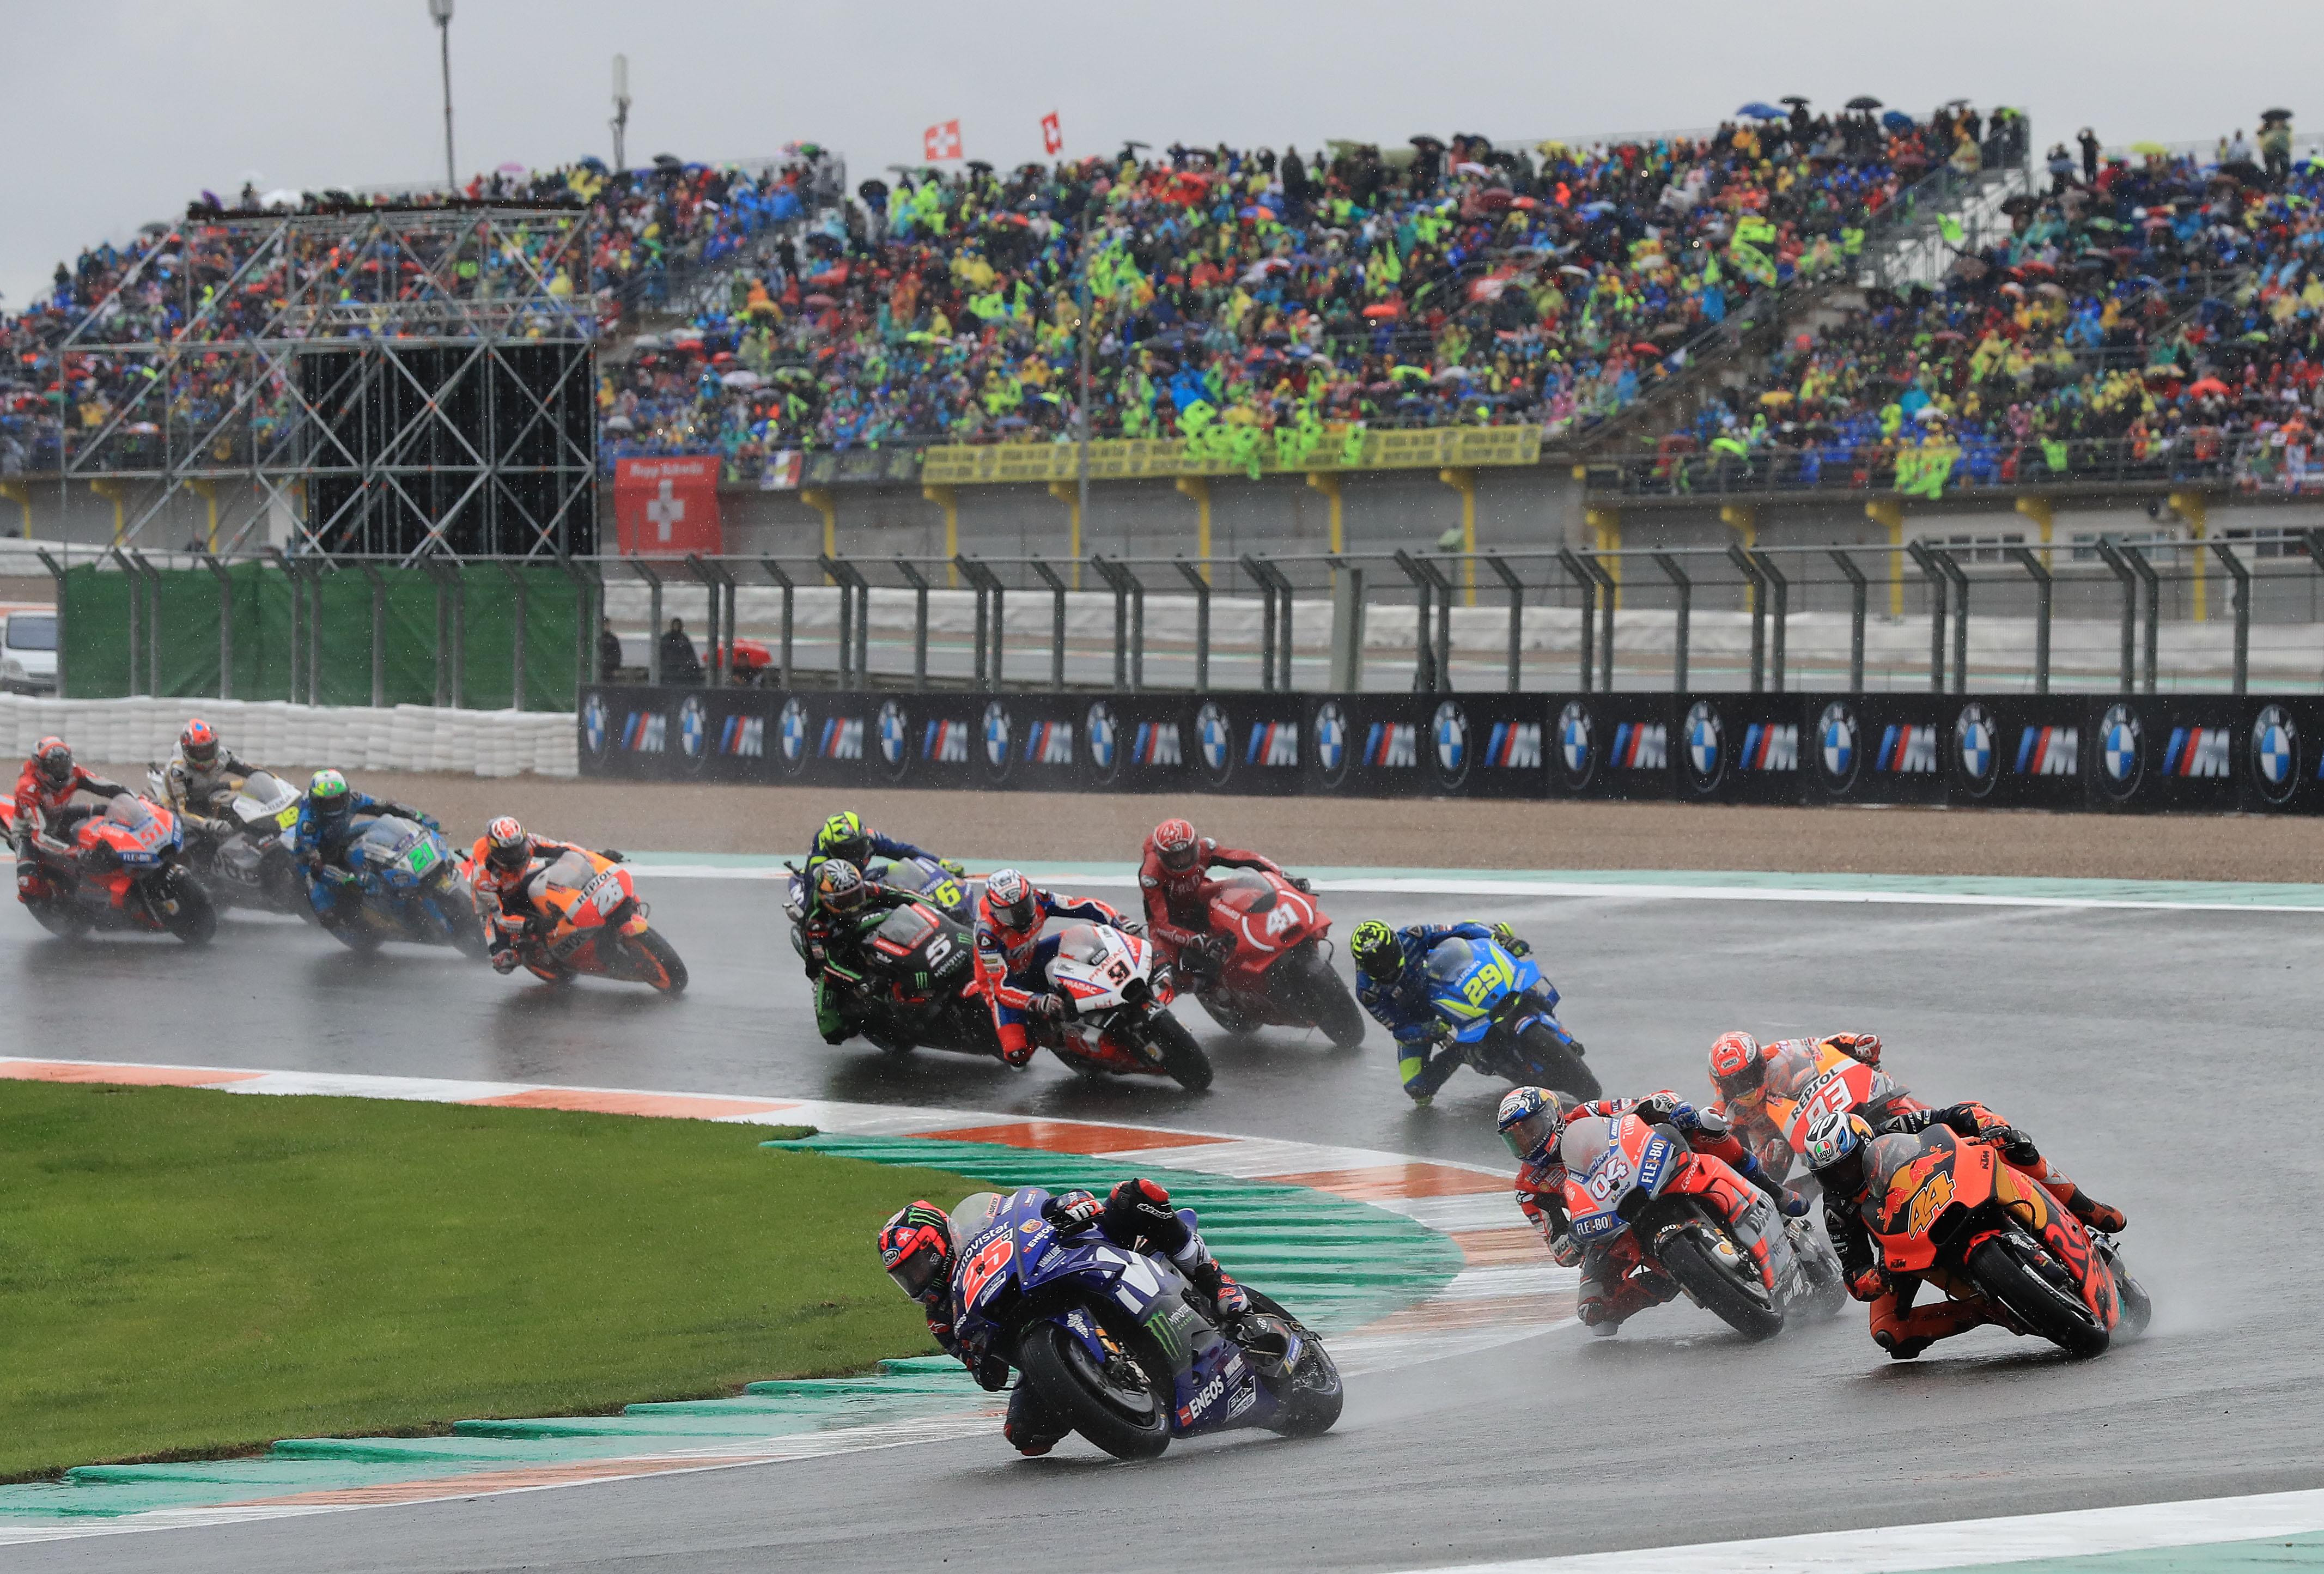 Valencia MotoGP 2018